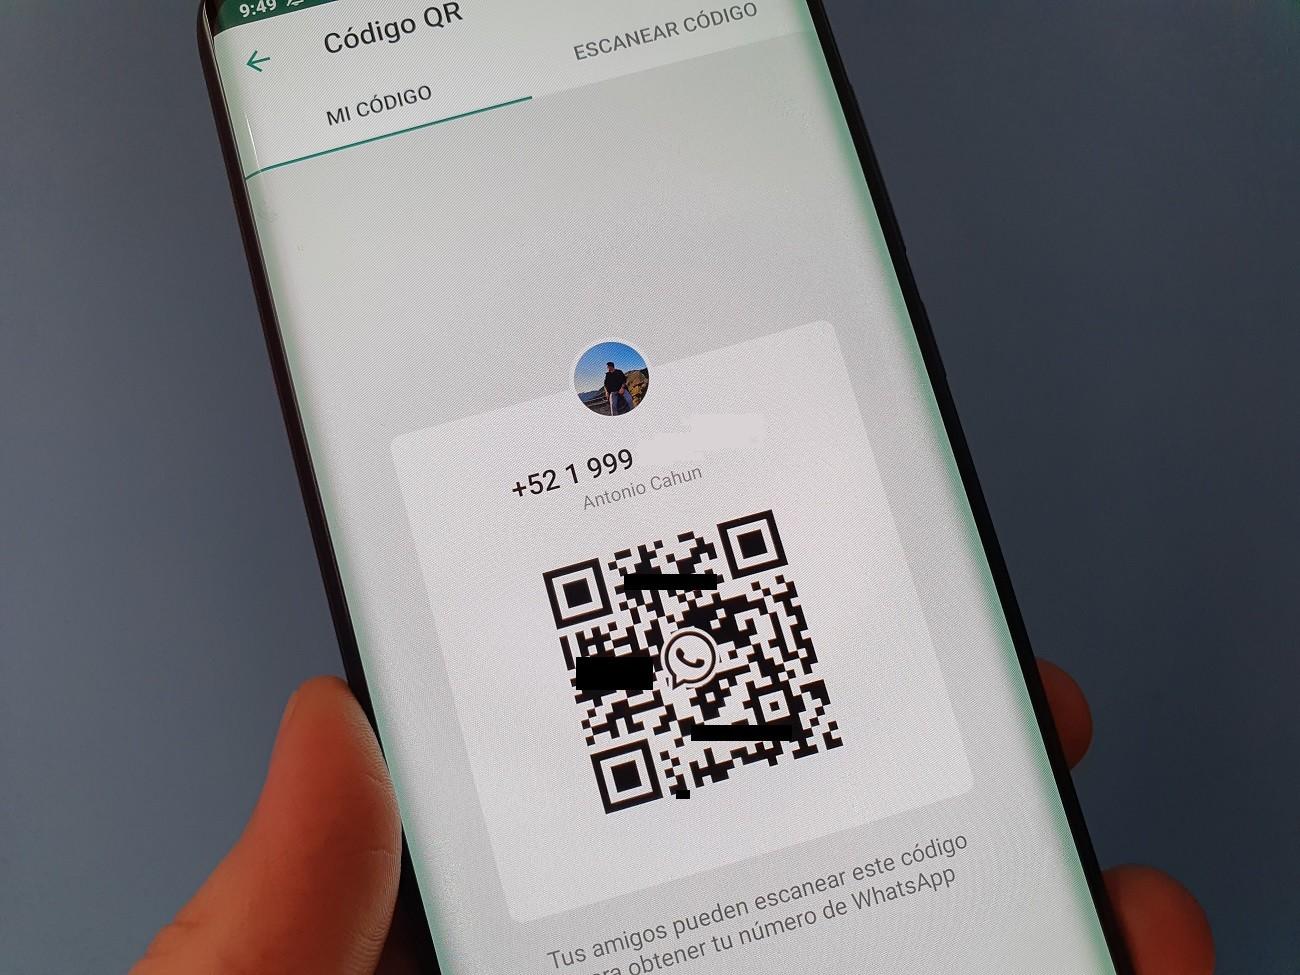 WhatsApp prueba con códigos QR una nueva función para hacer más ...